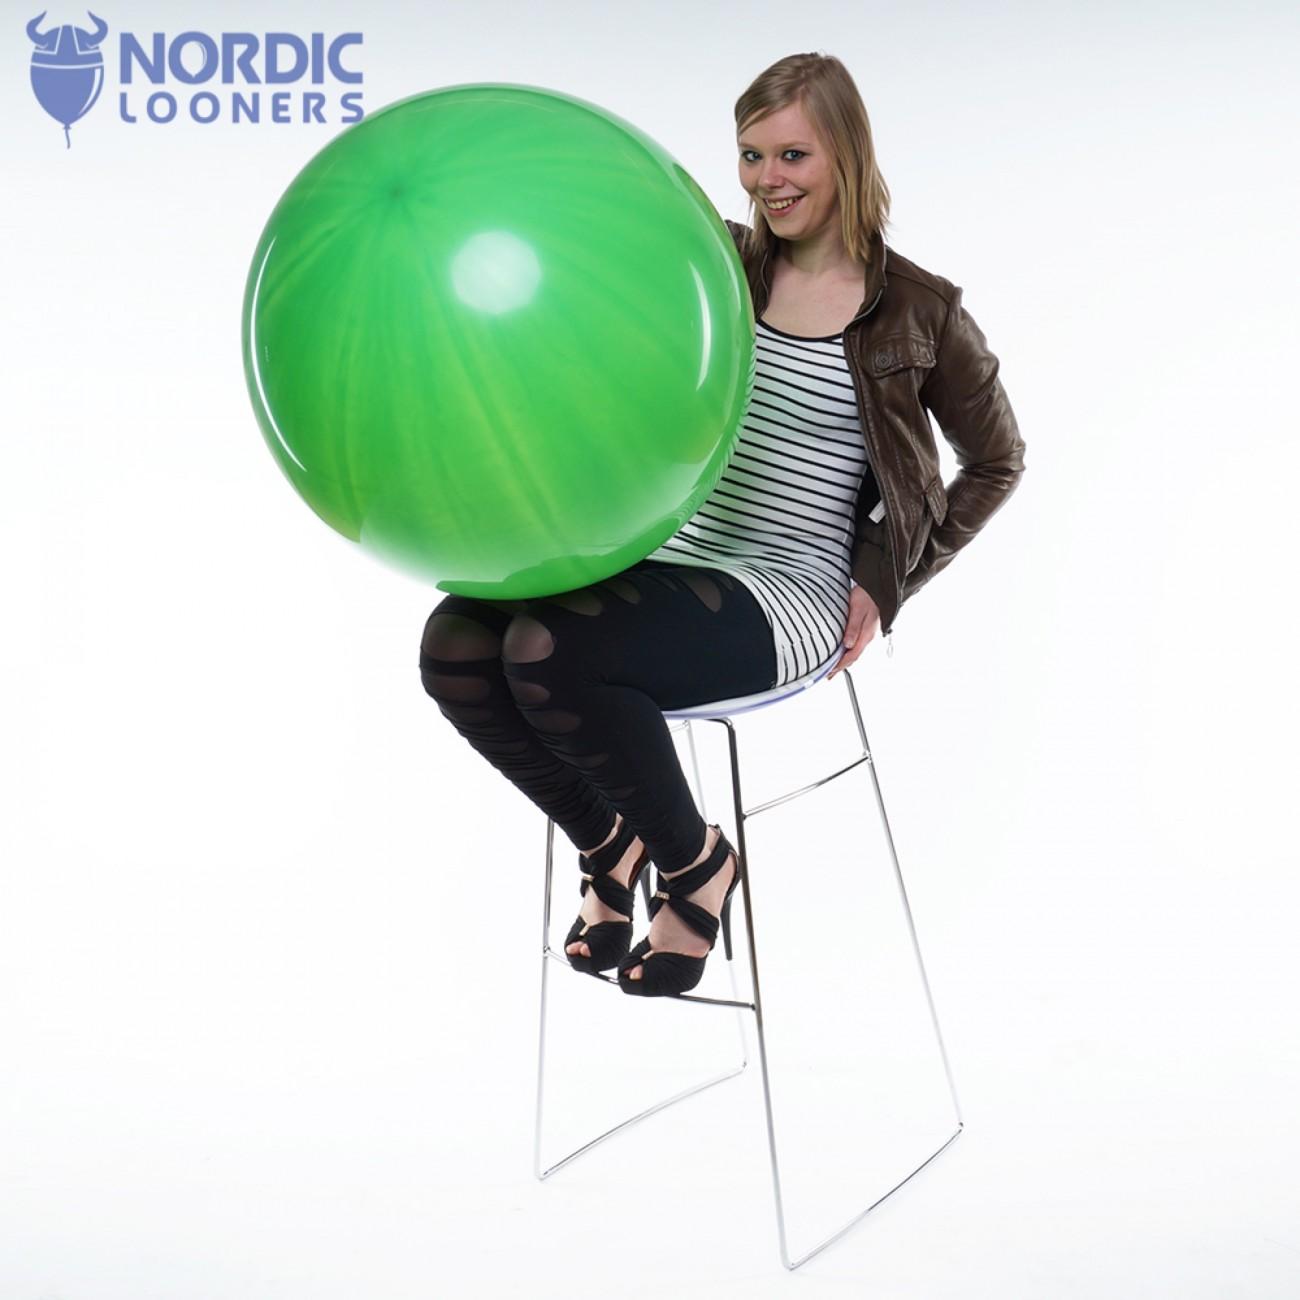 """Cattex 32"""" Pastel PT/220R 9,30 DKK Nordic Looners"""